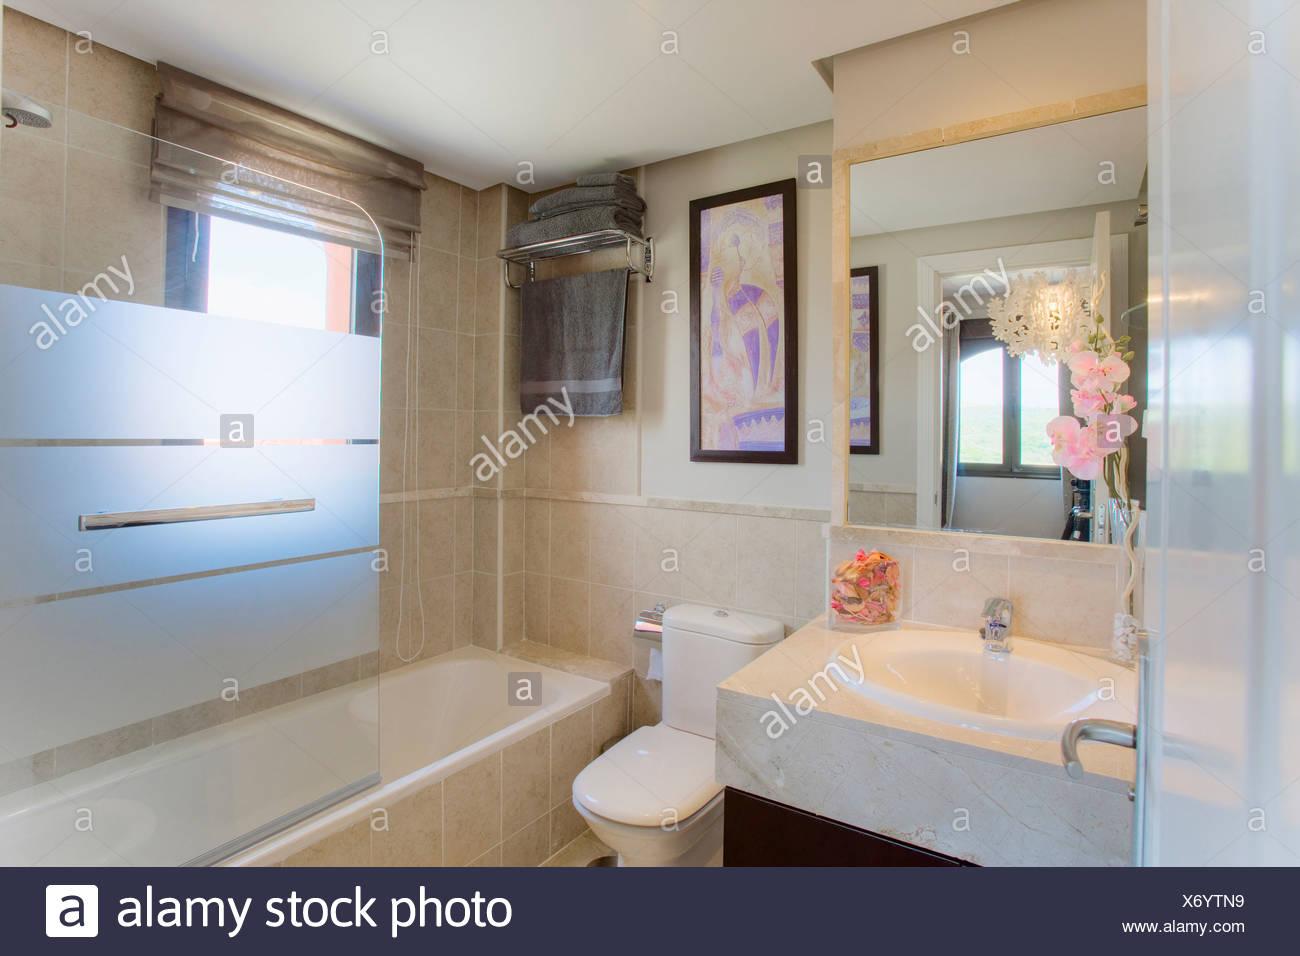 Vetro Su Vasca Da Bagno.Piccolo E Moderno Bagno Con Specchio Sopra Bacino E Vetro Opaco